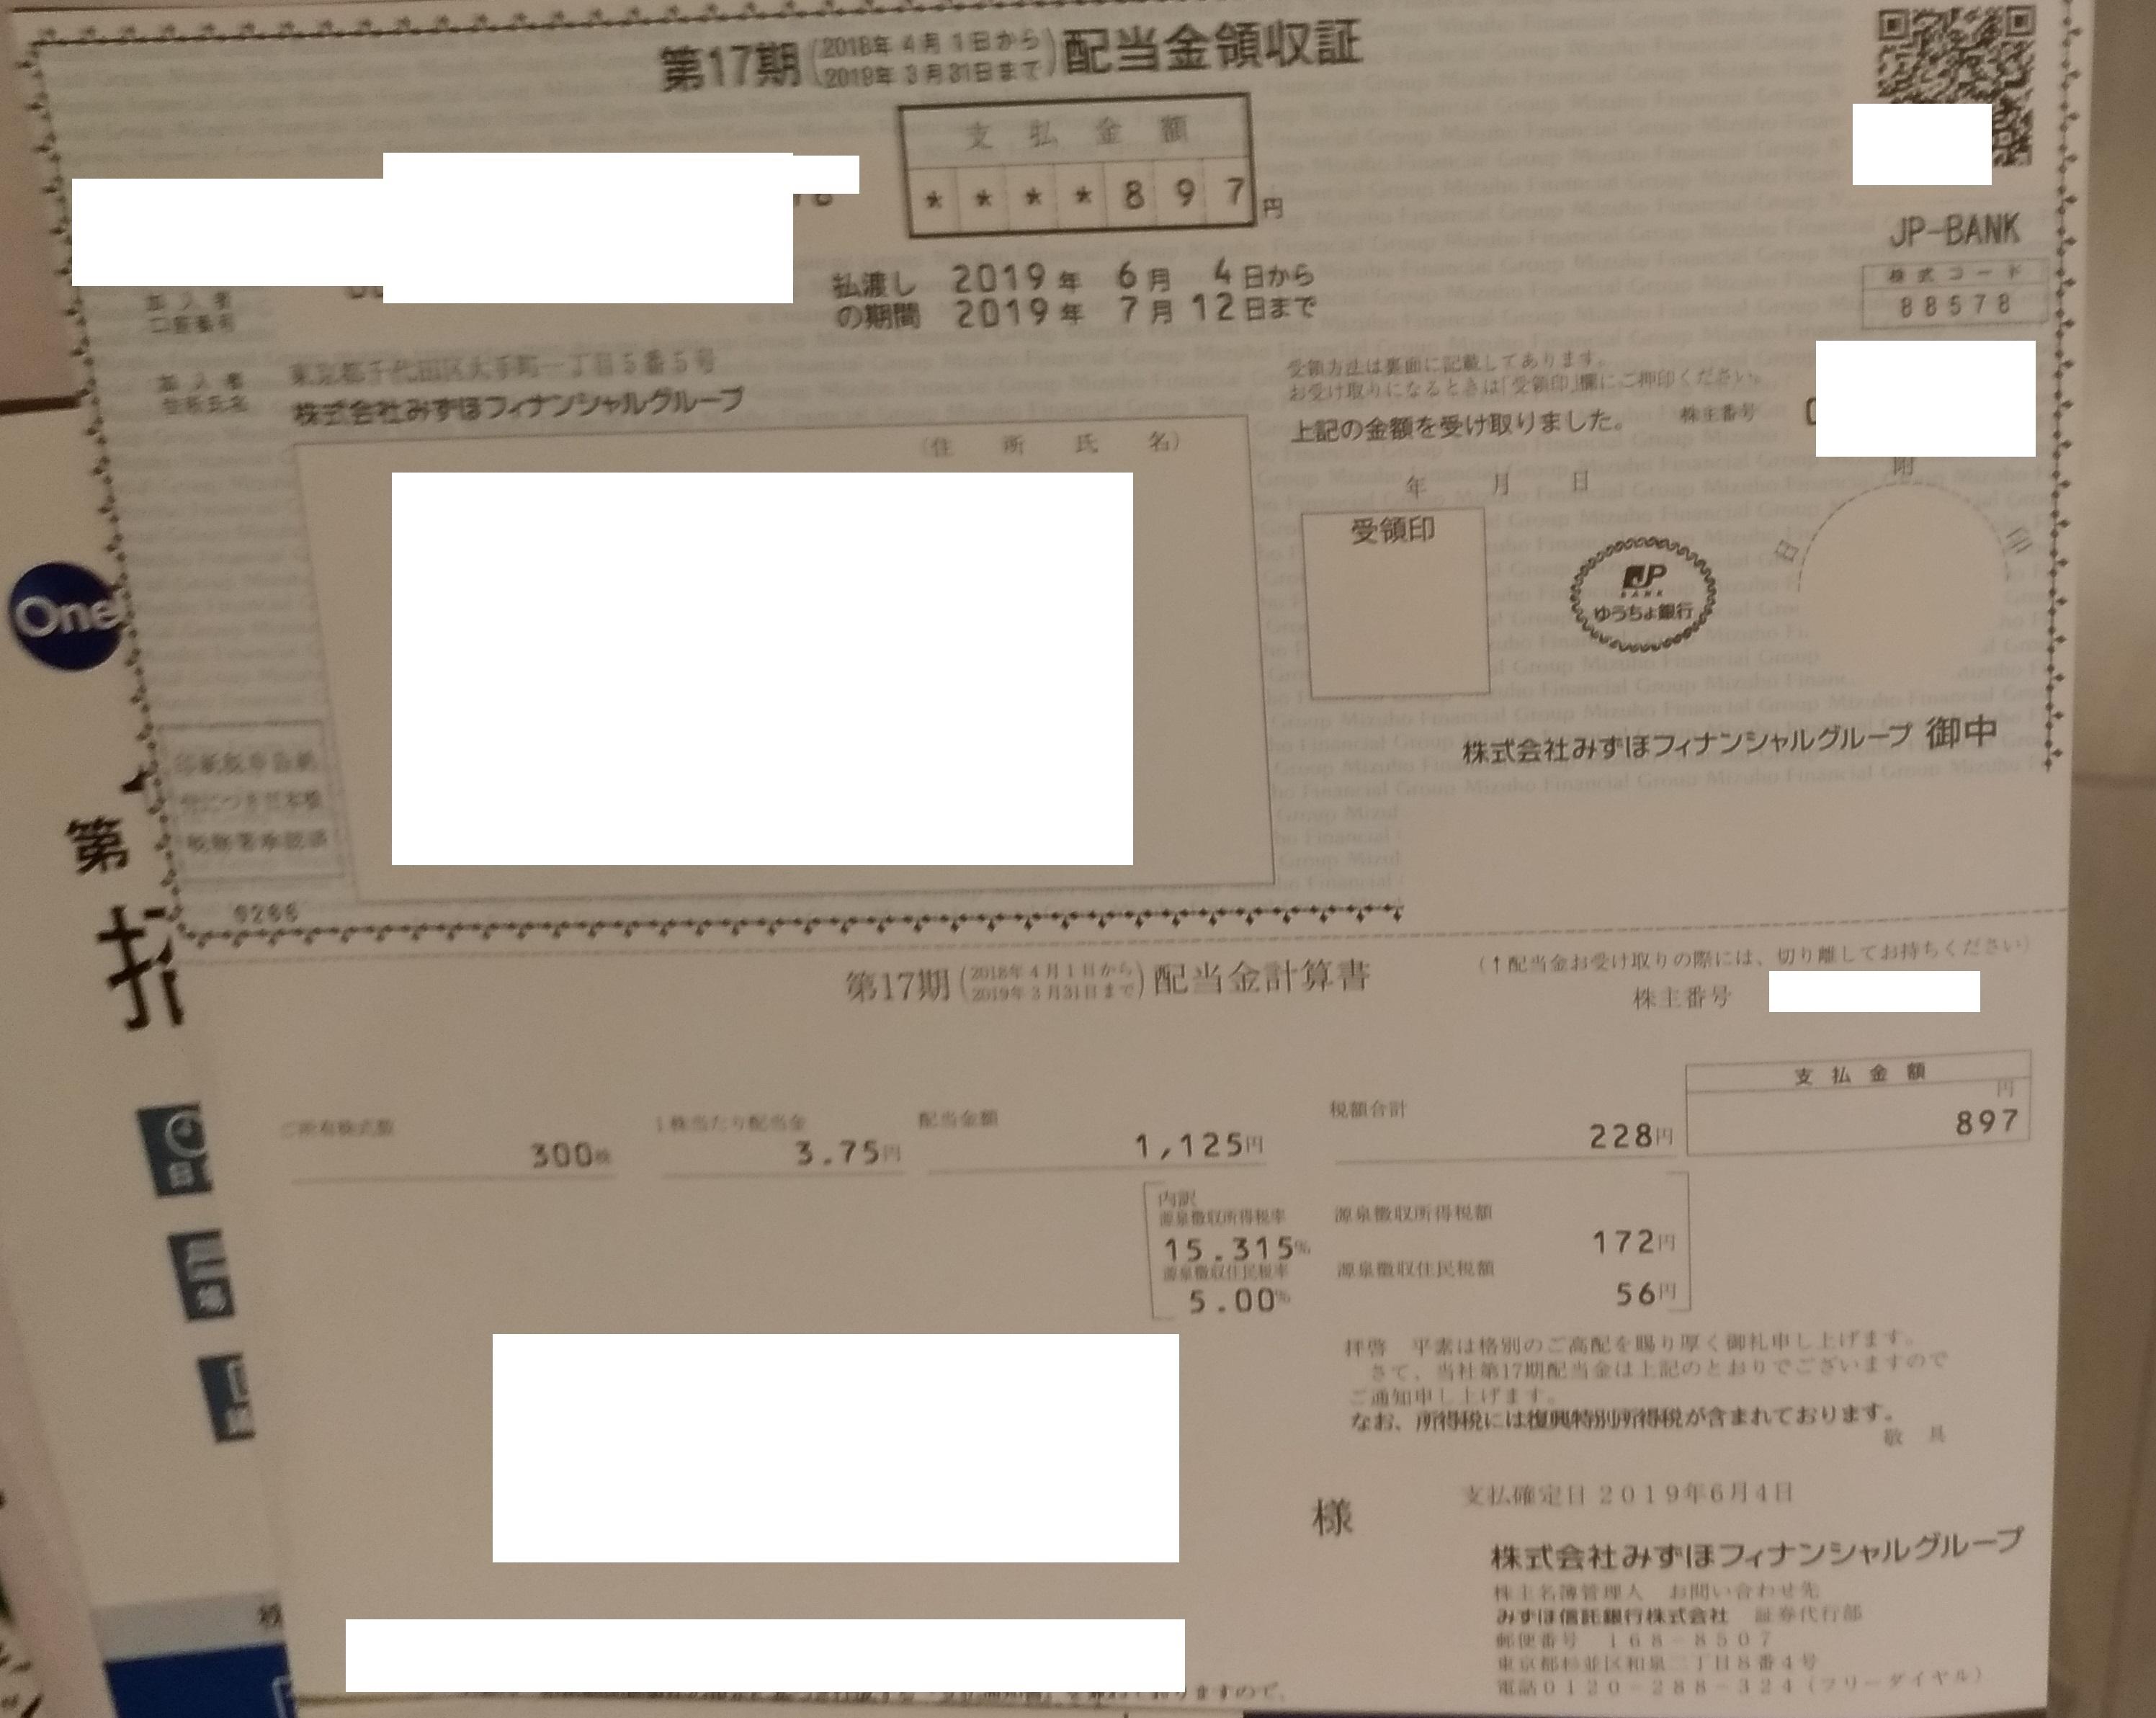 mizuho_haito_201906_.jpg